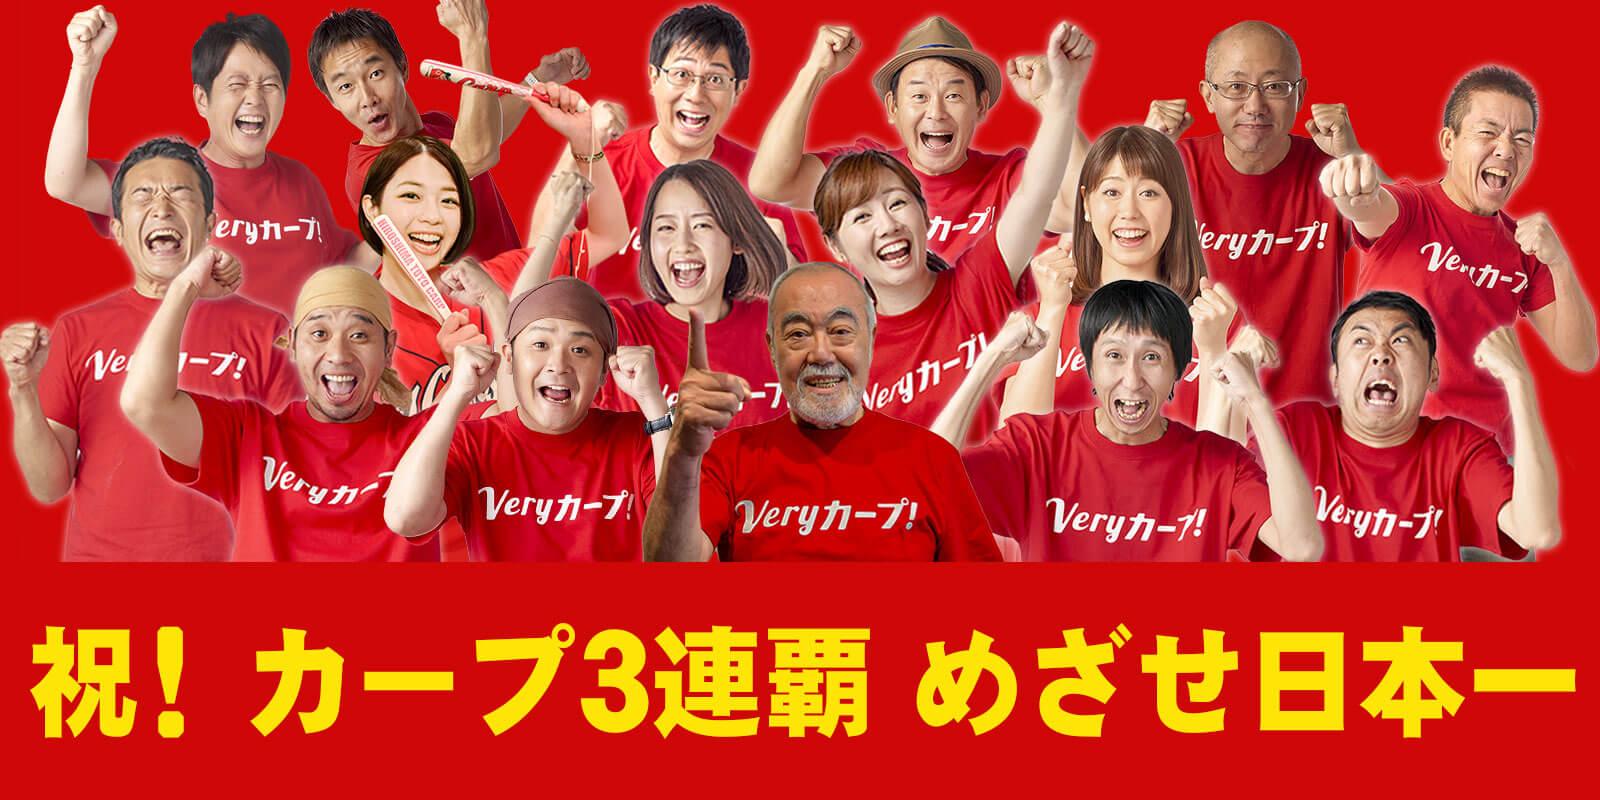 祝!カープ3連覇 めざせ日本一